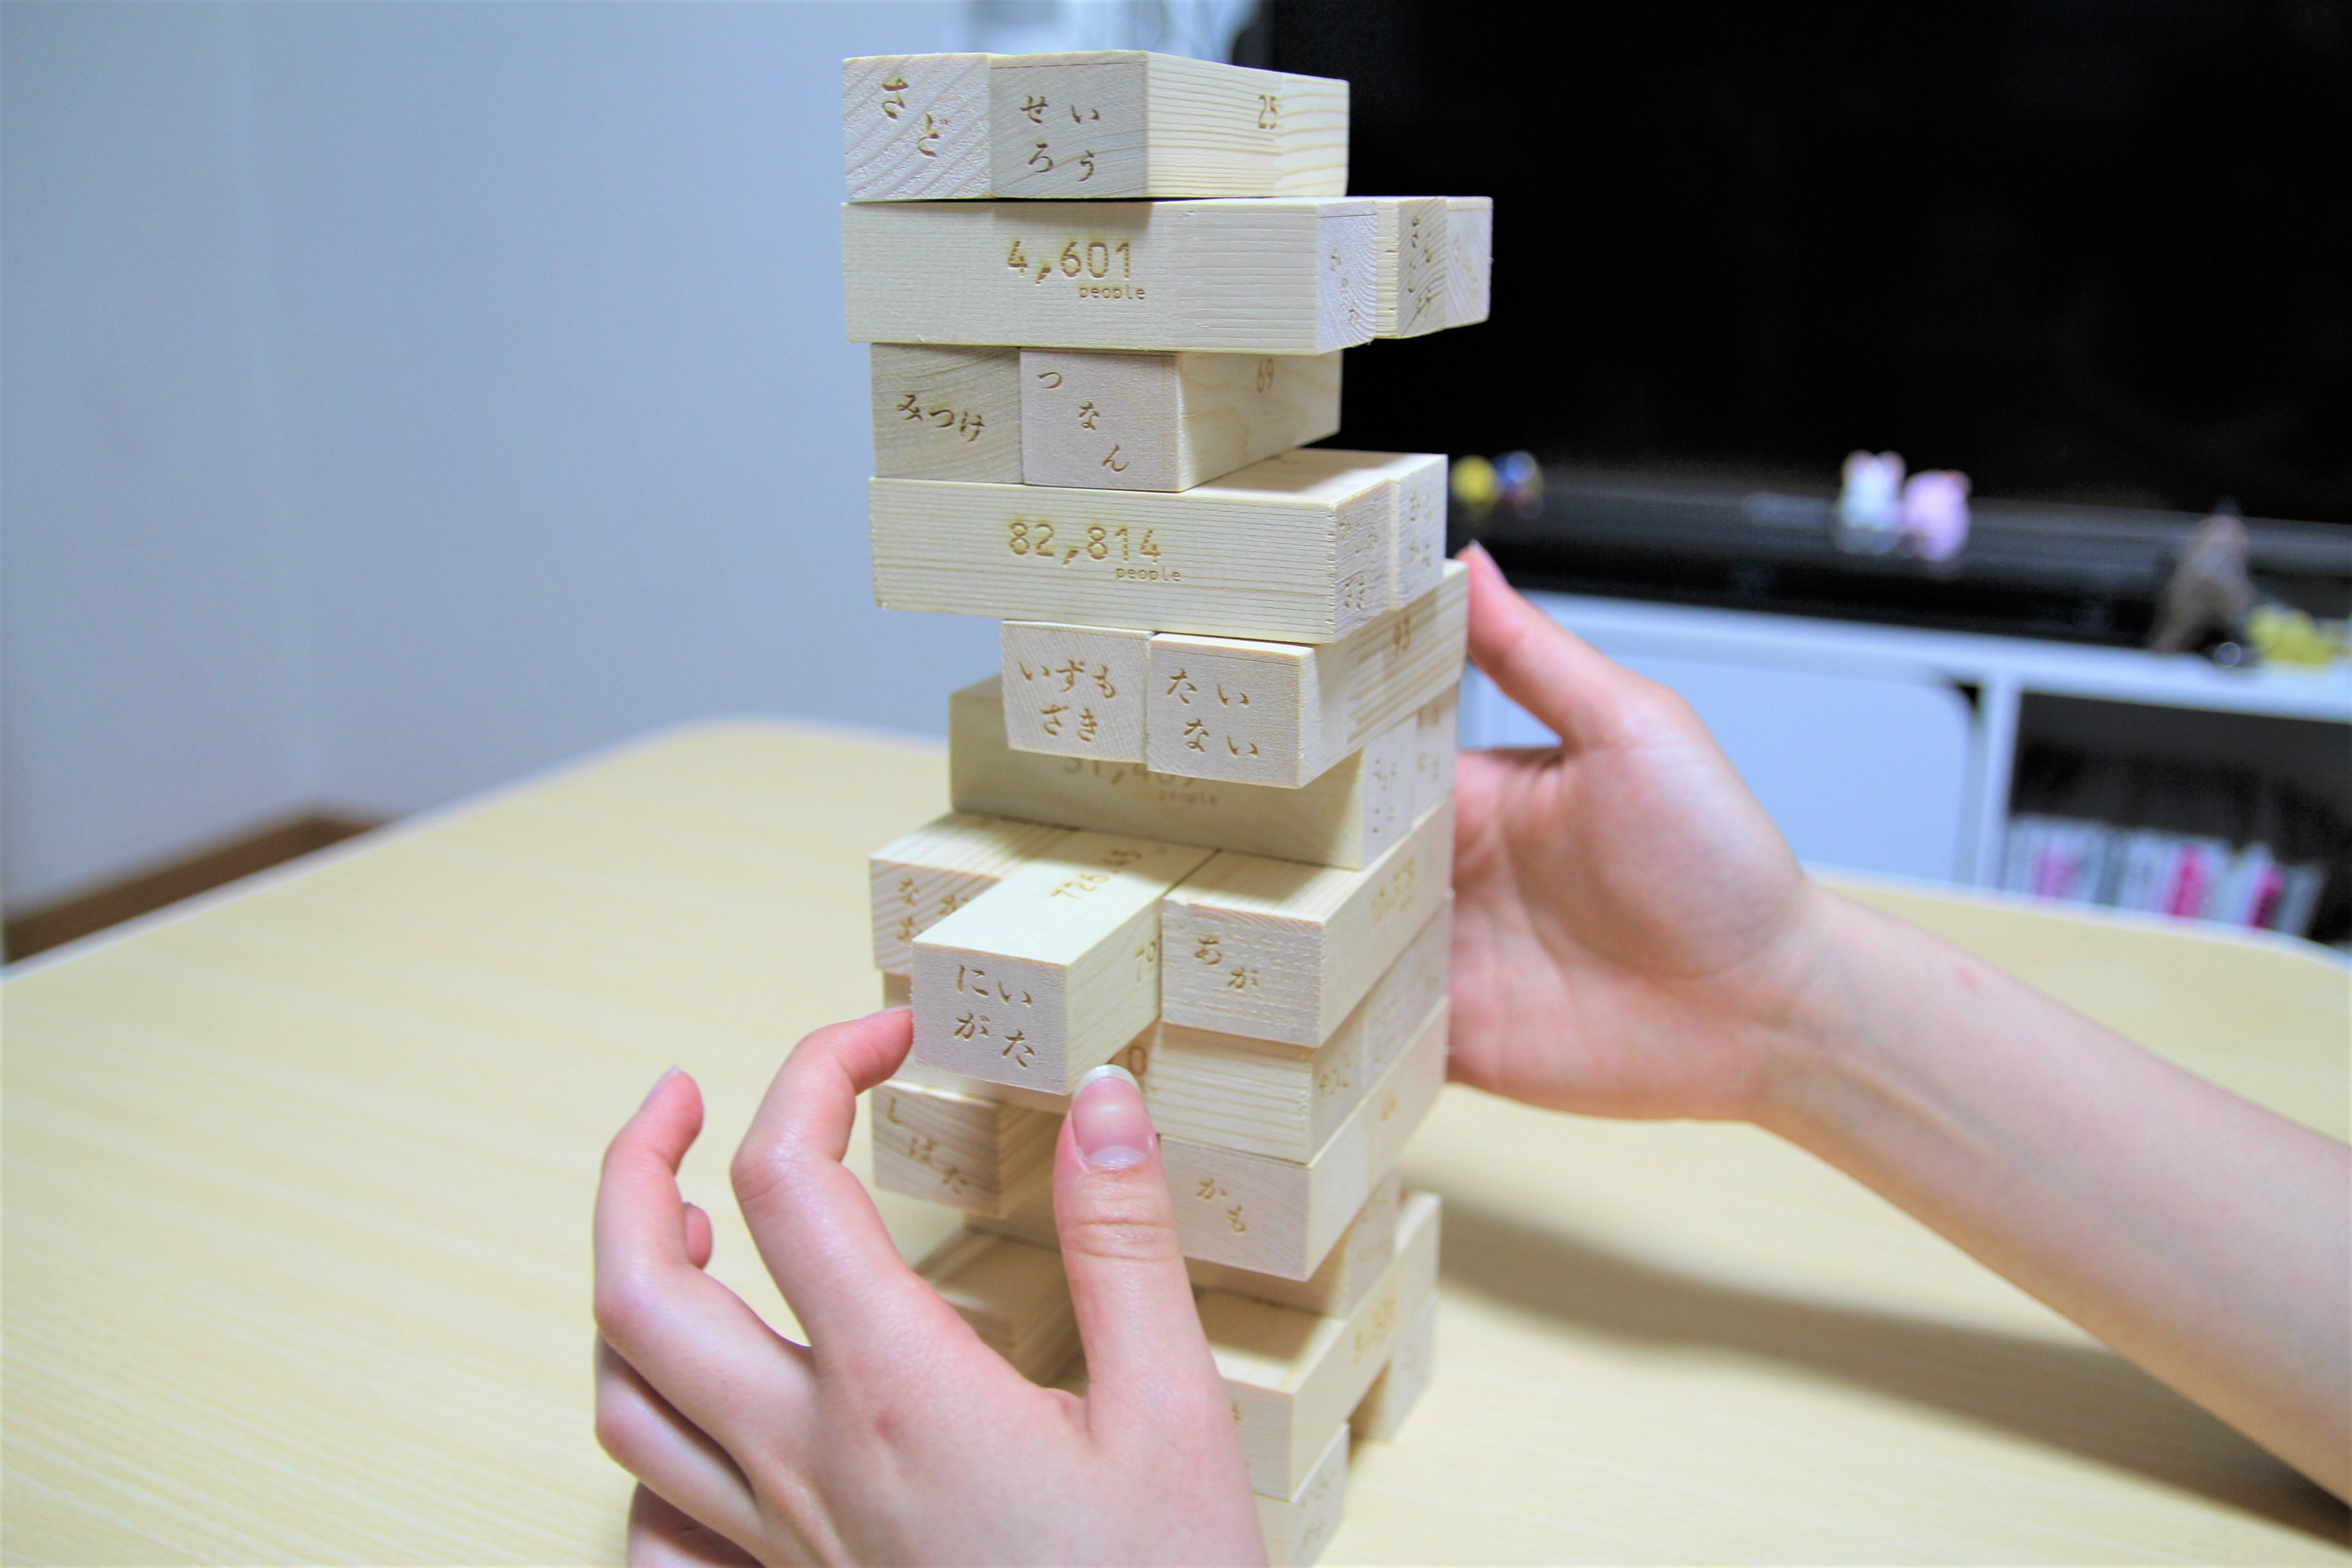 長岡造形大学ものづくりクラブ「Make」